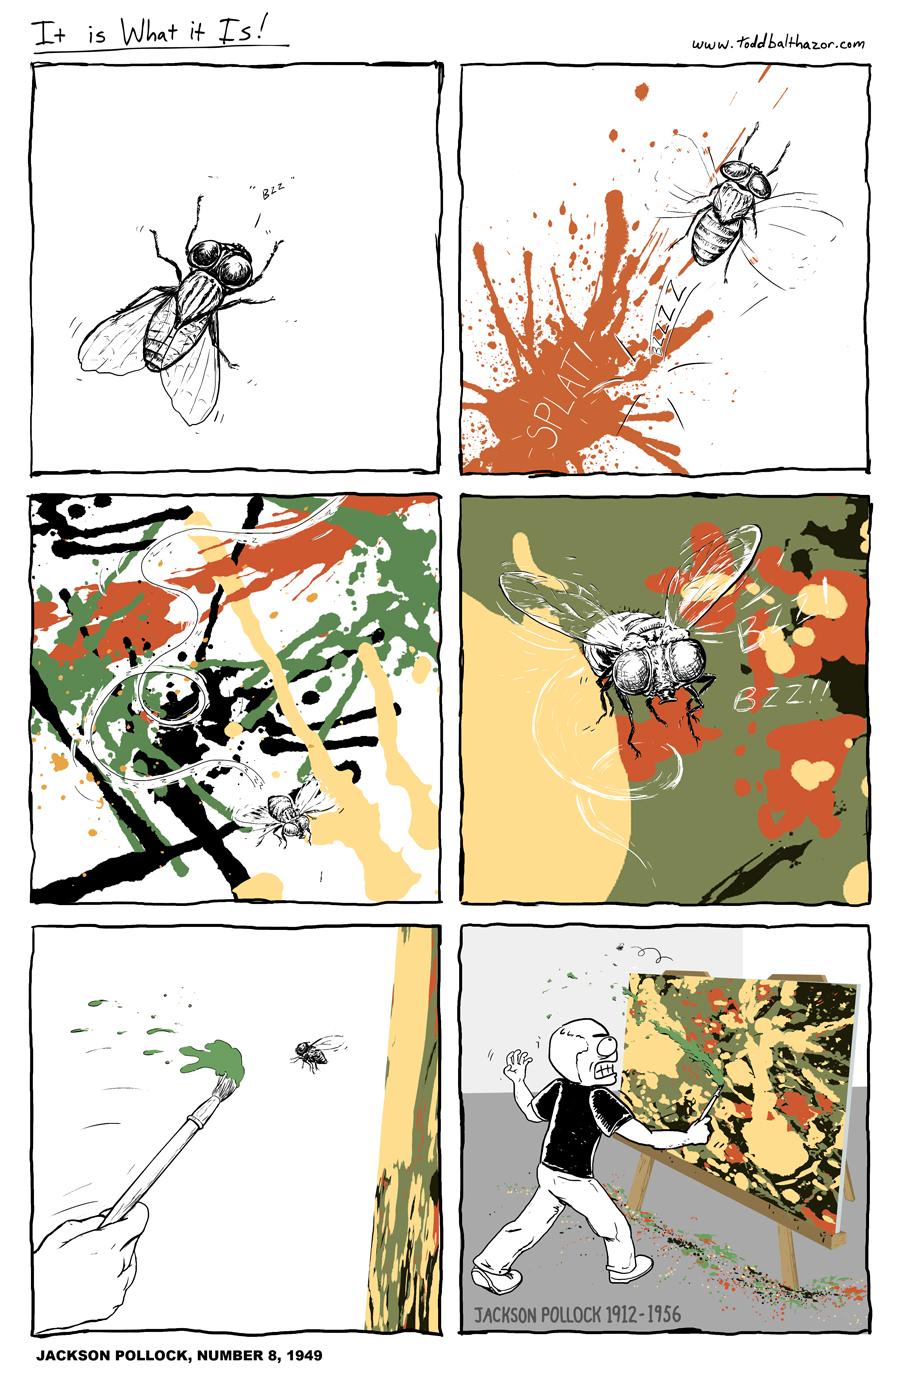 Pollock-theory